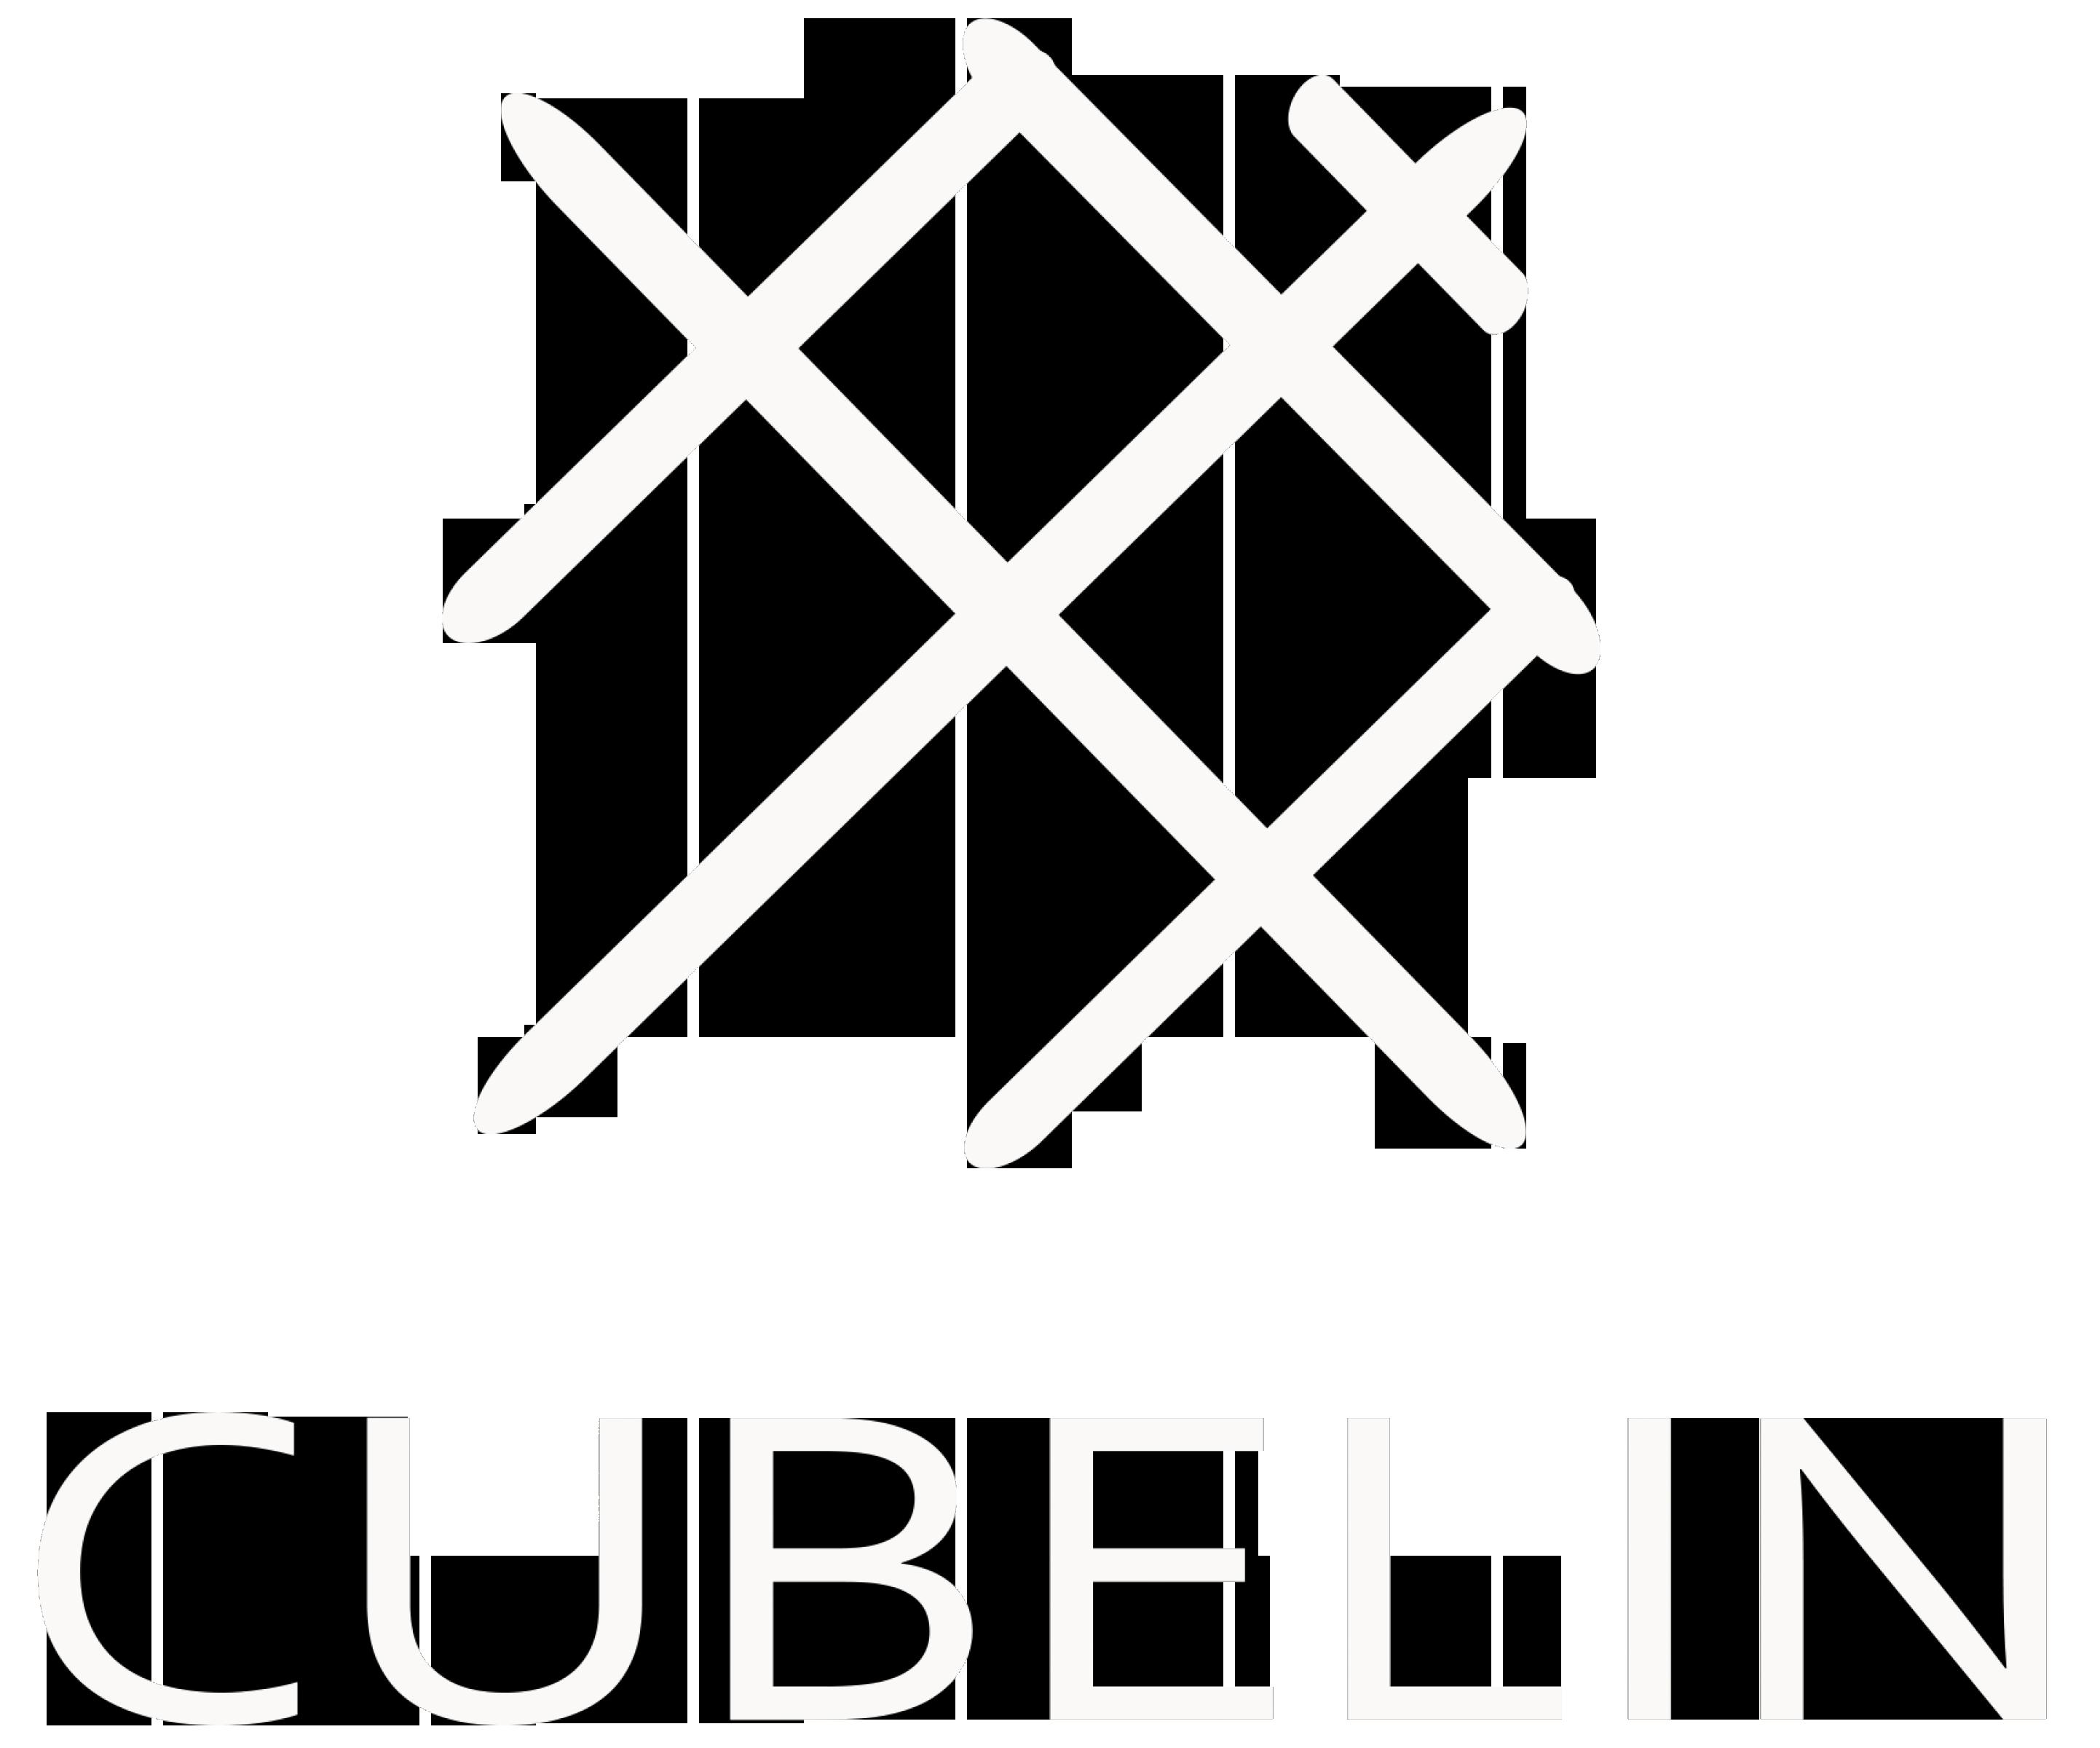 CUBELIN